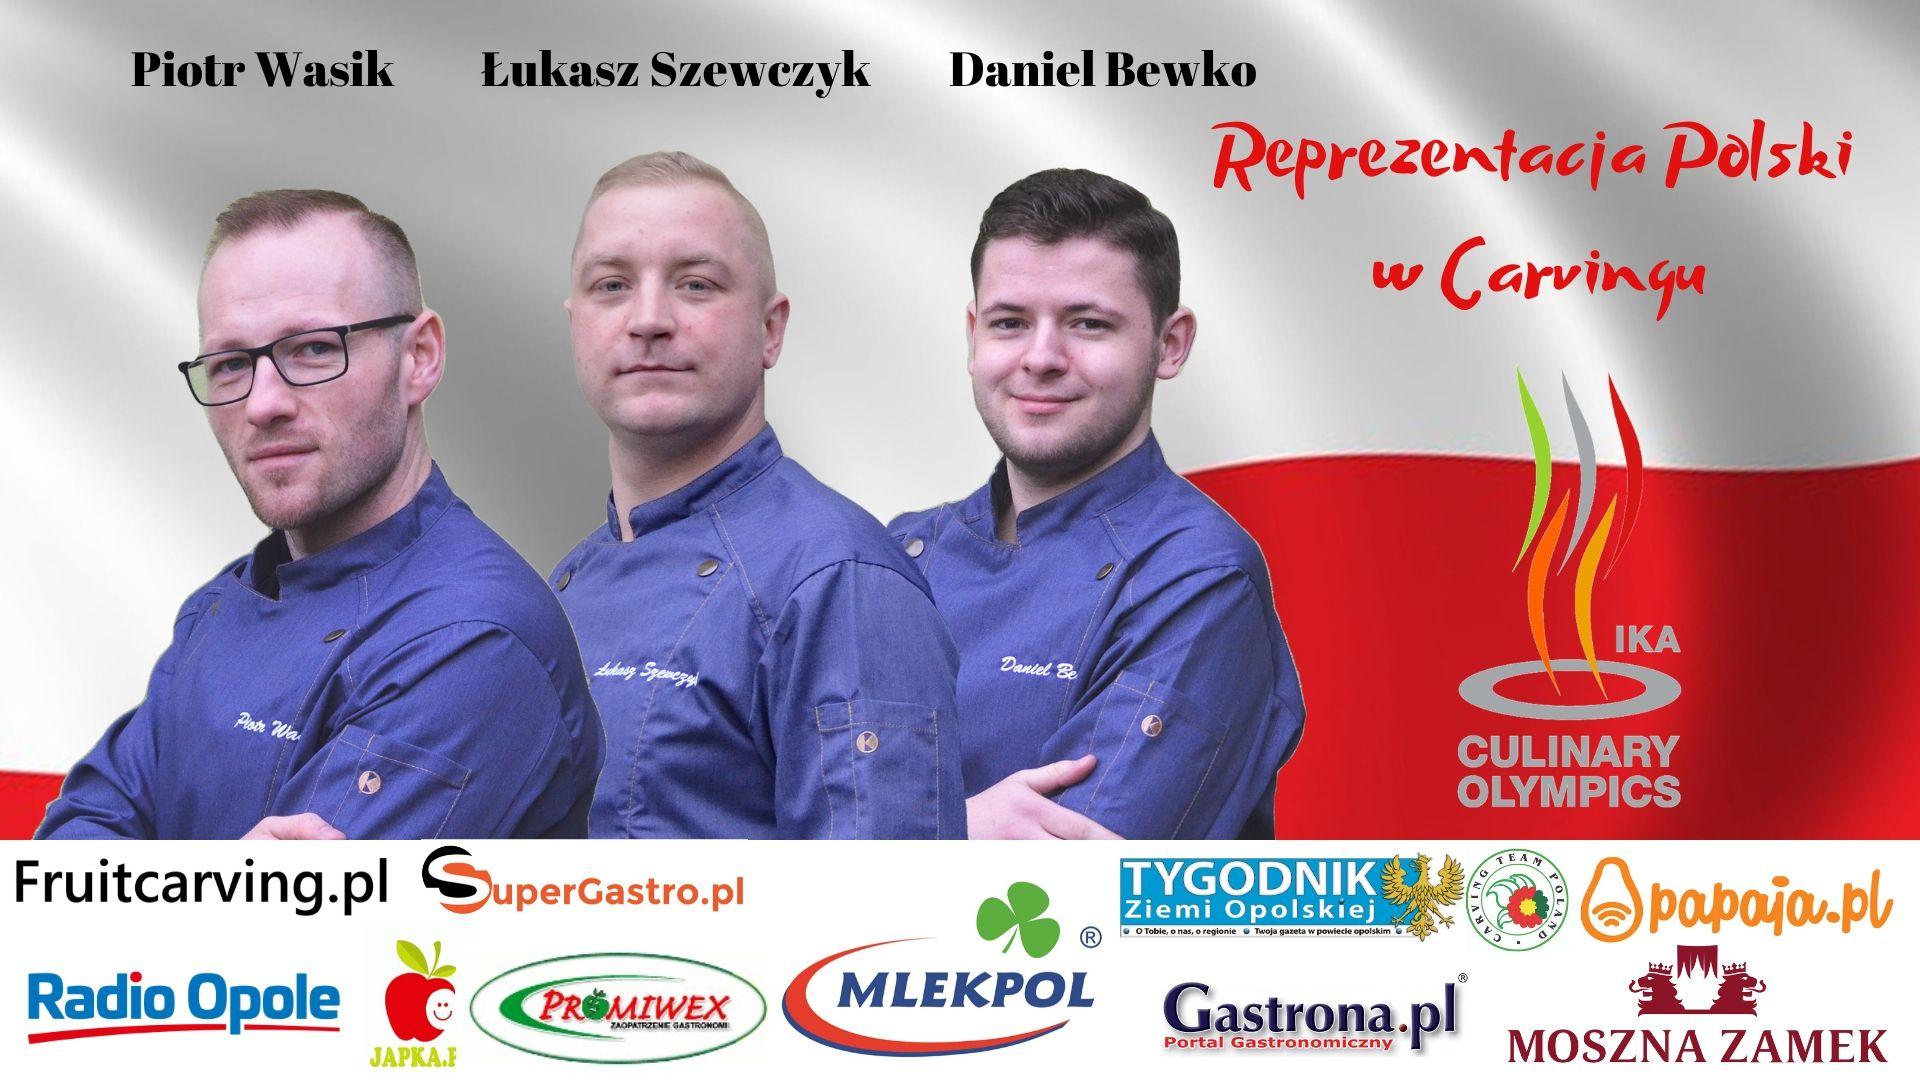 Ekipa z Opolszczyzny weźmie udział w międzynarodowym konkursie kulinarnym [fot. materiały uczestników konkursu]